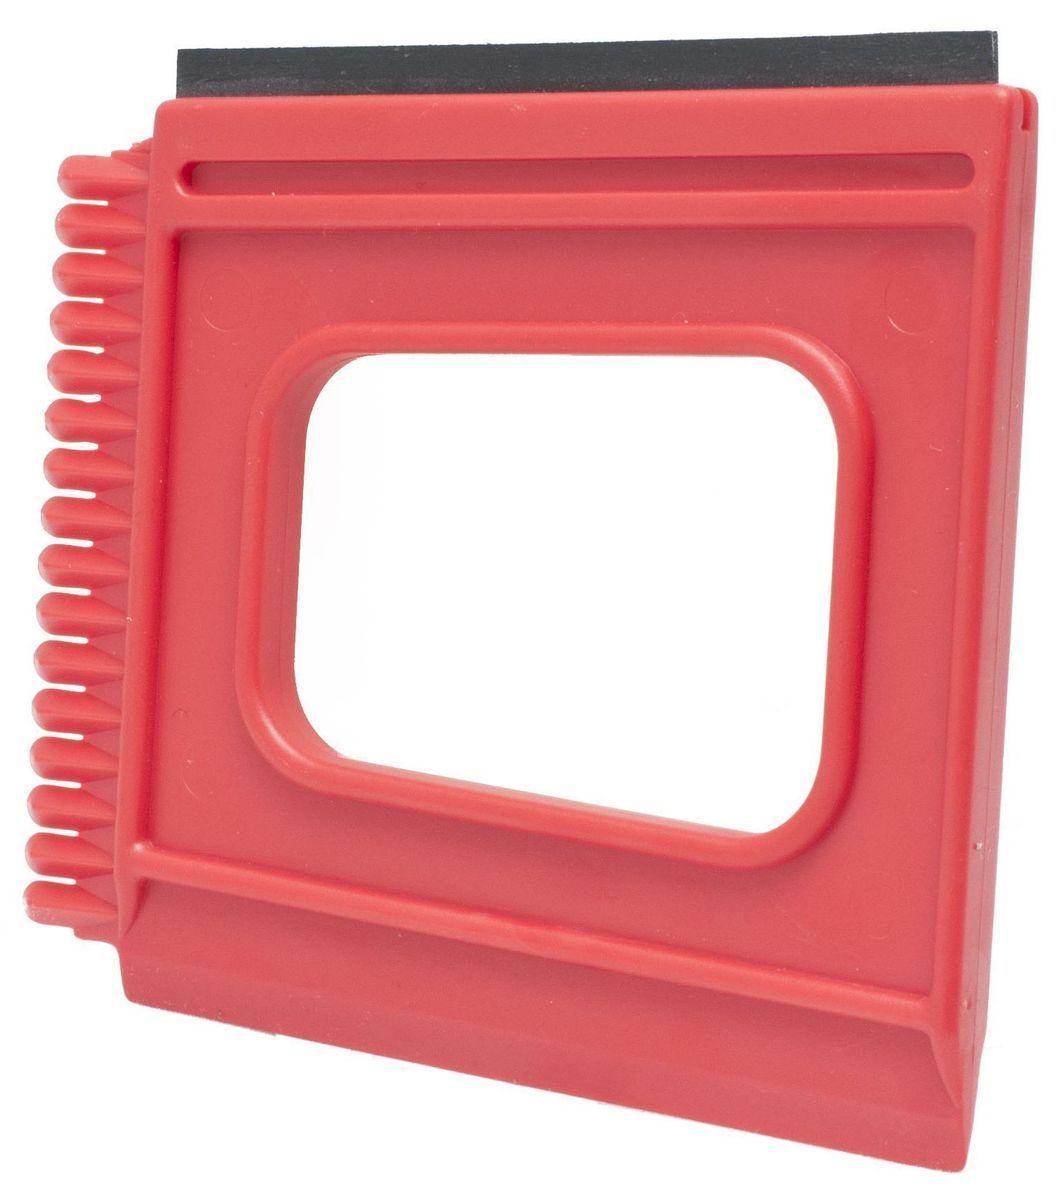 Скребок для льда Главдор GL-586, четырехстороннийGL-586Компактный четырехсторонний скребок для удаления наледи с резиновым лезвием для сгона воды. Уважаемые клиенты! Обращаем ваше внимание на цветовой ассортимент товара. Поставка осуществляется в зависимости от наличия на складе.